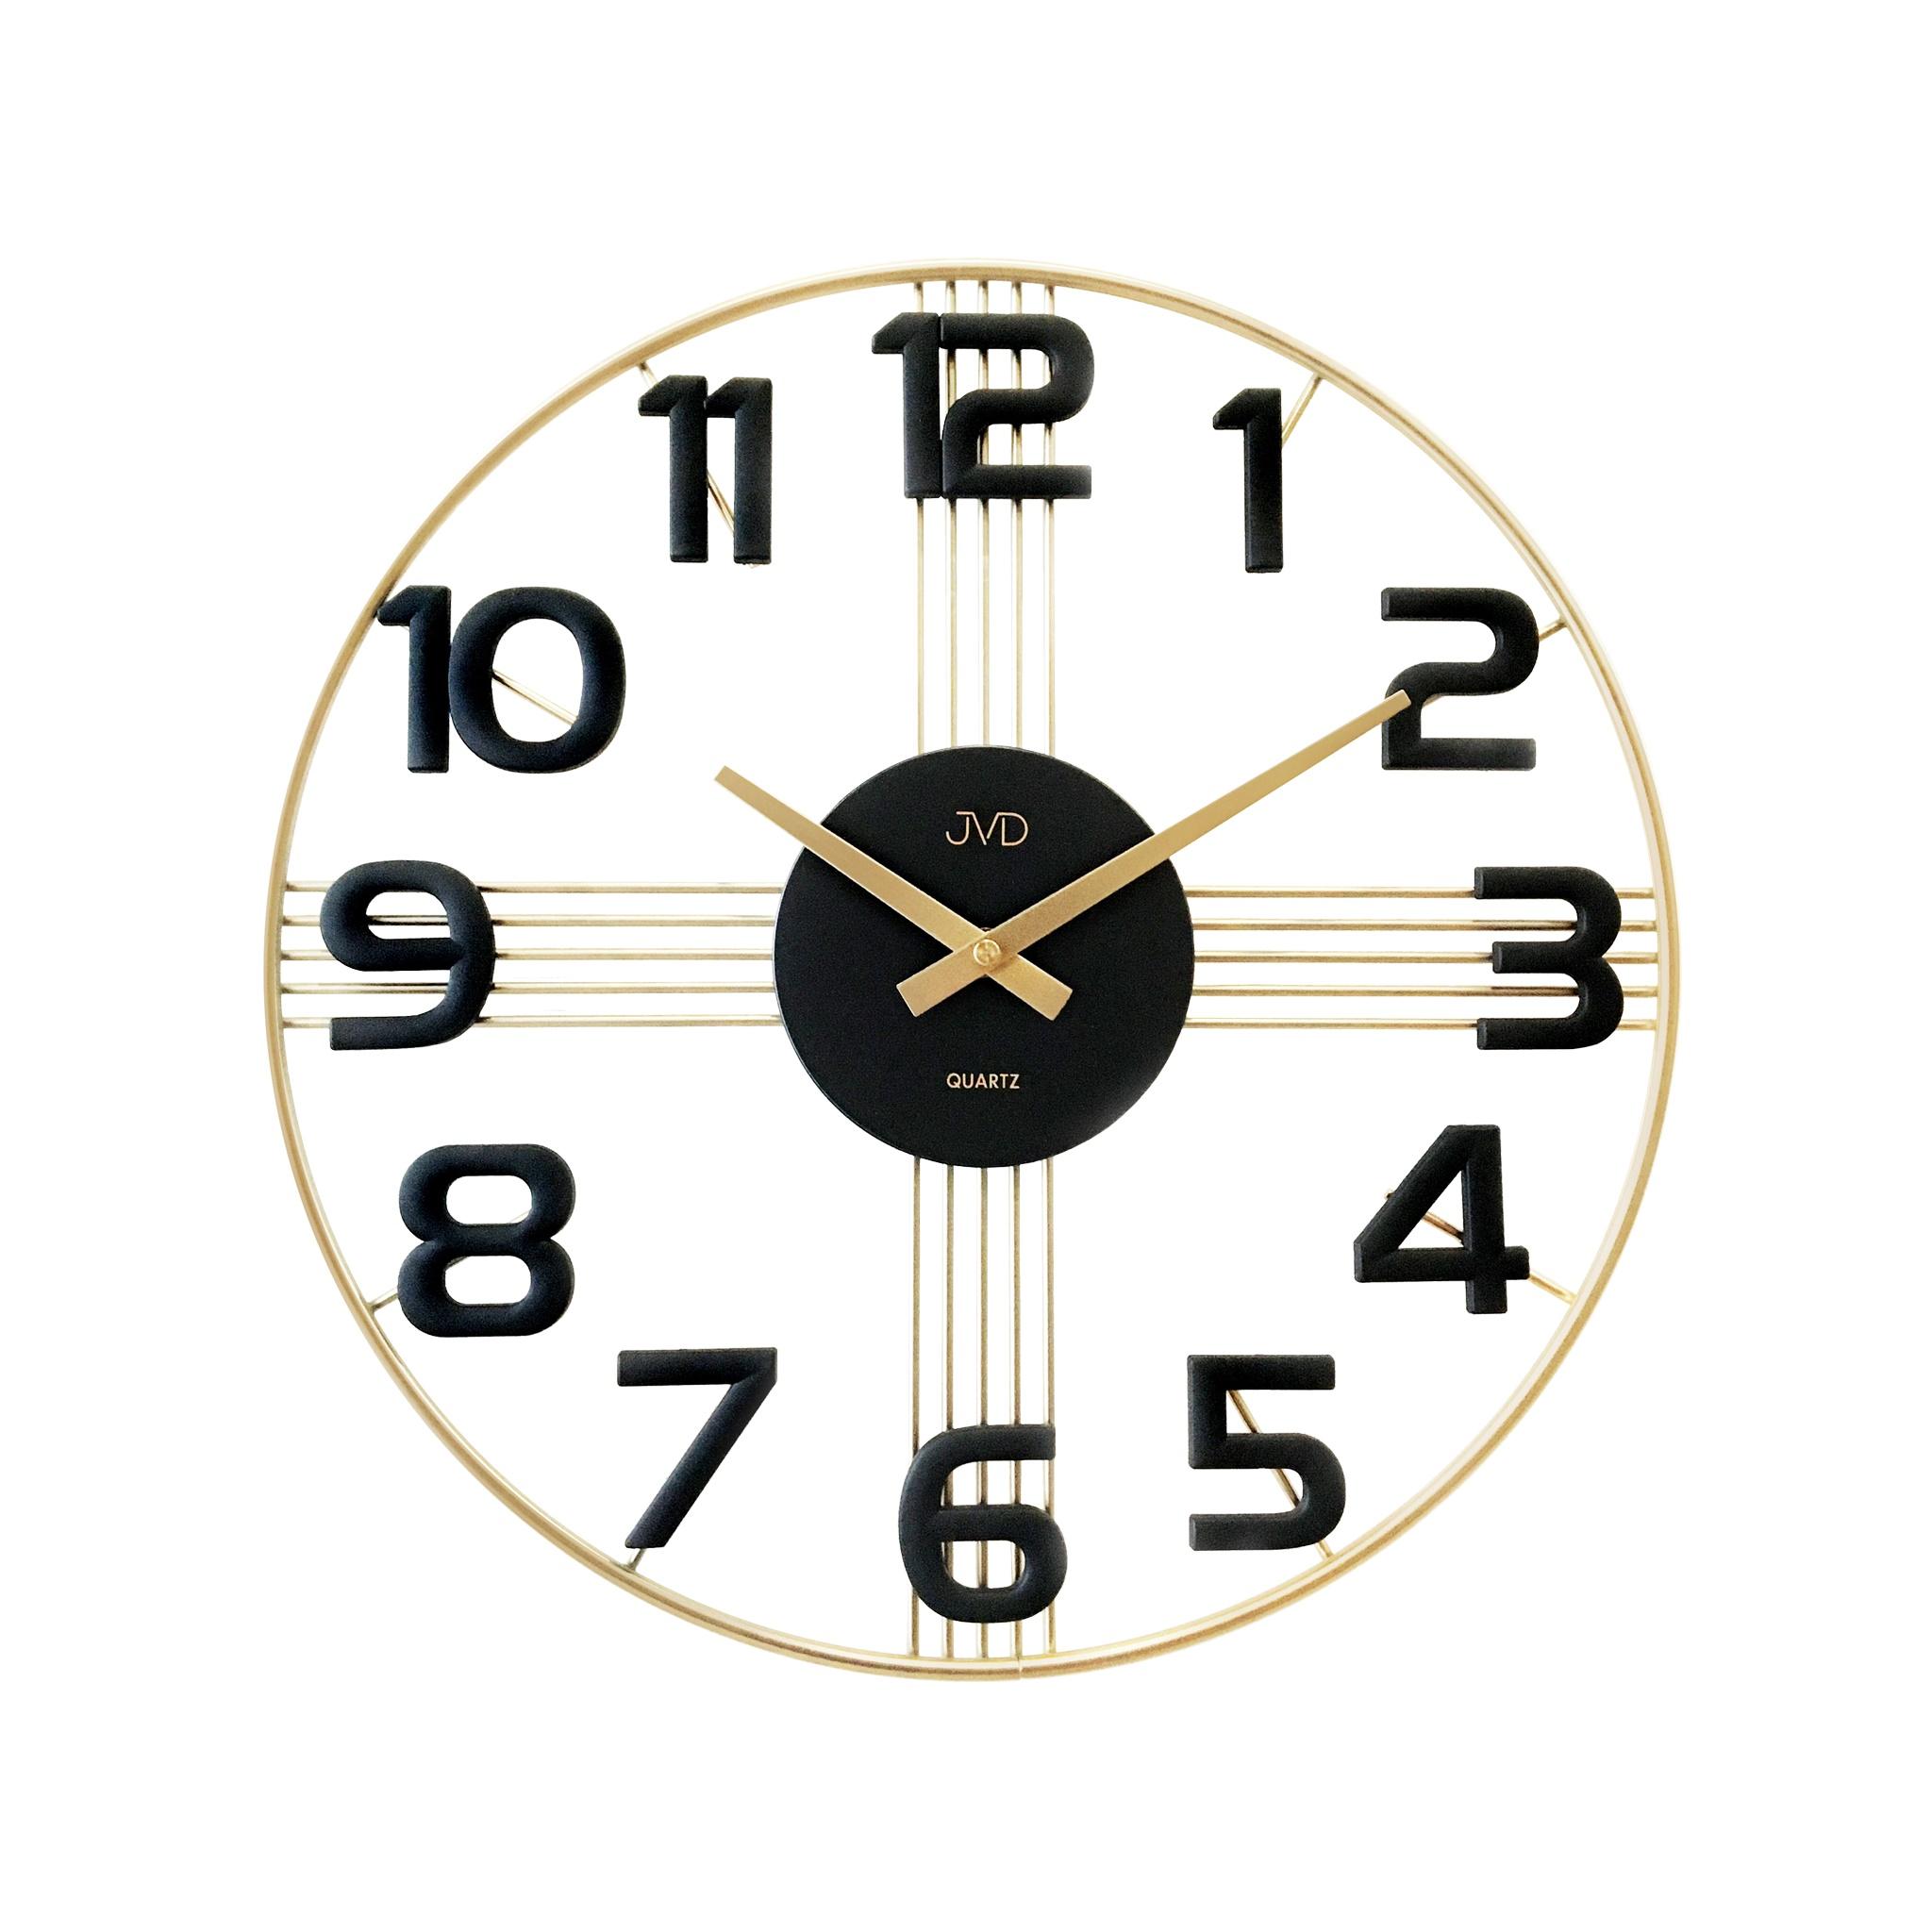 Designové kovové luxusní nástěnné hodiny JVD HT051.3 do moderního bytu (POŠTOVNÉ ZDARMA!!)